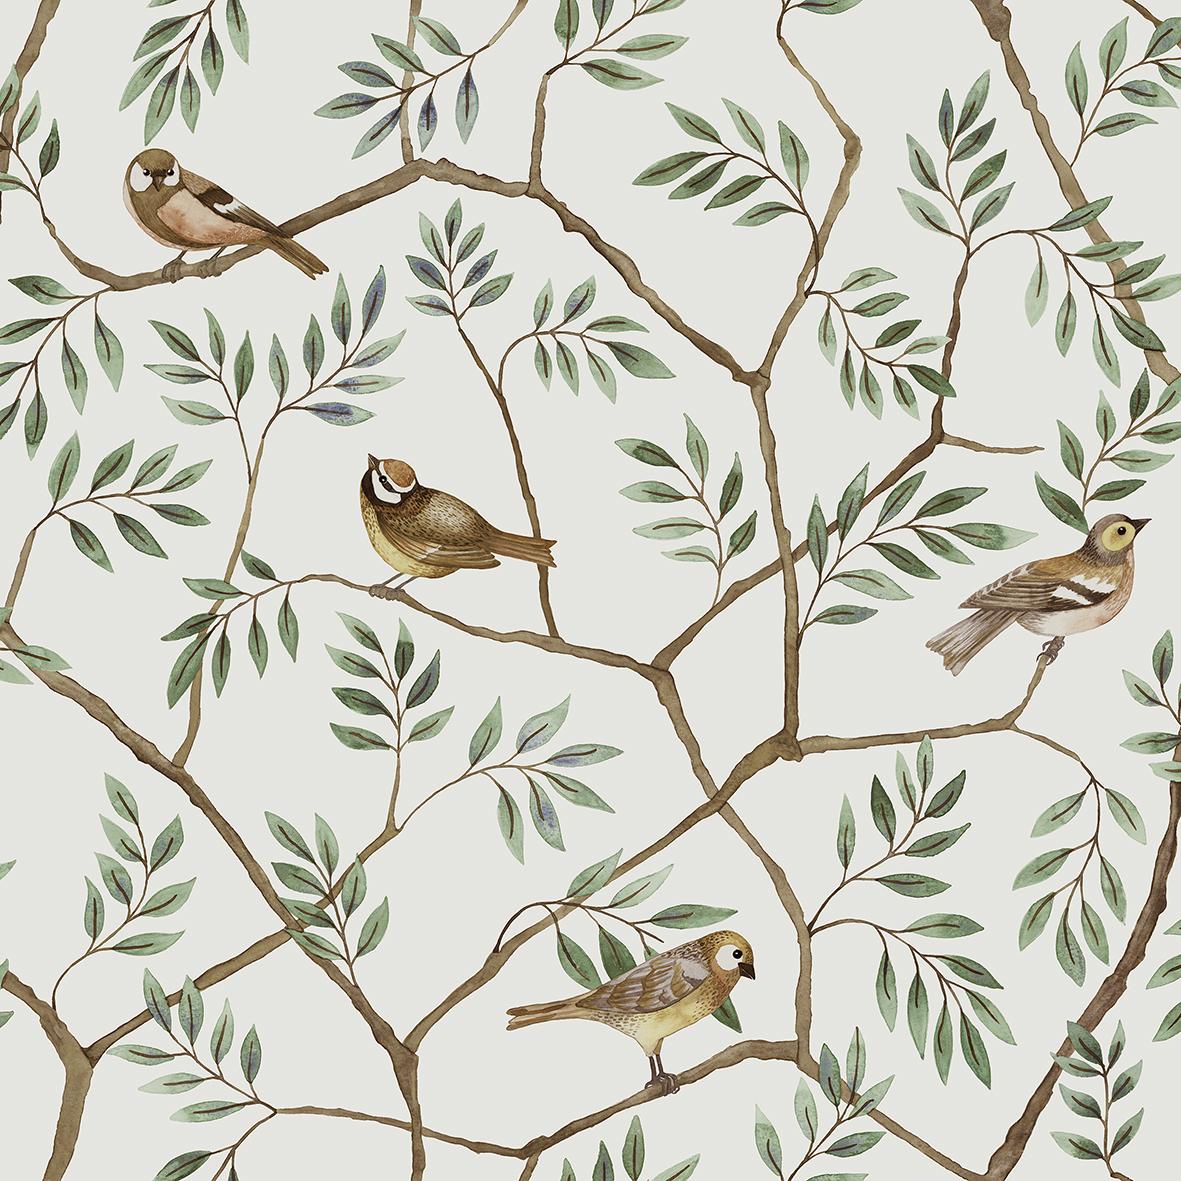 Tapetmönstret August med hitte-på-fåglarna.